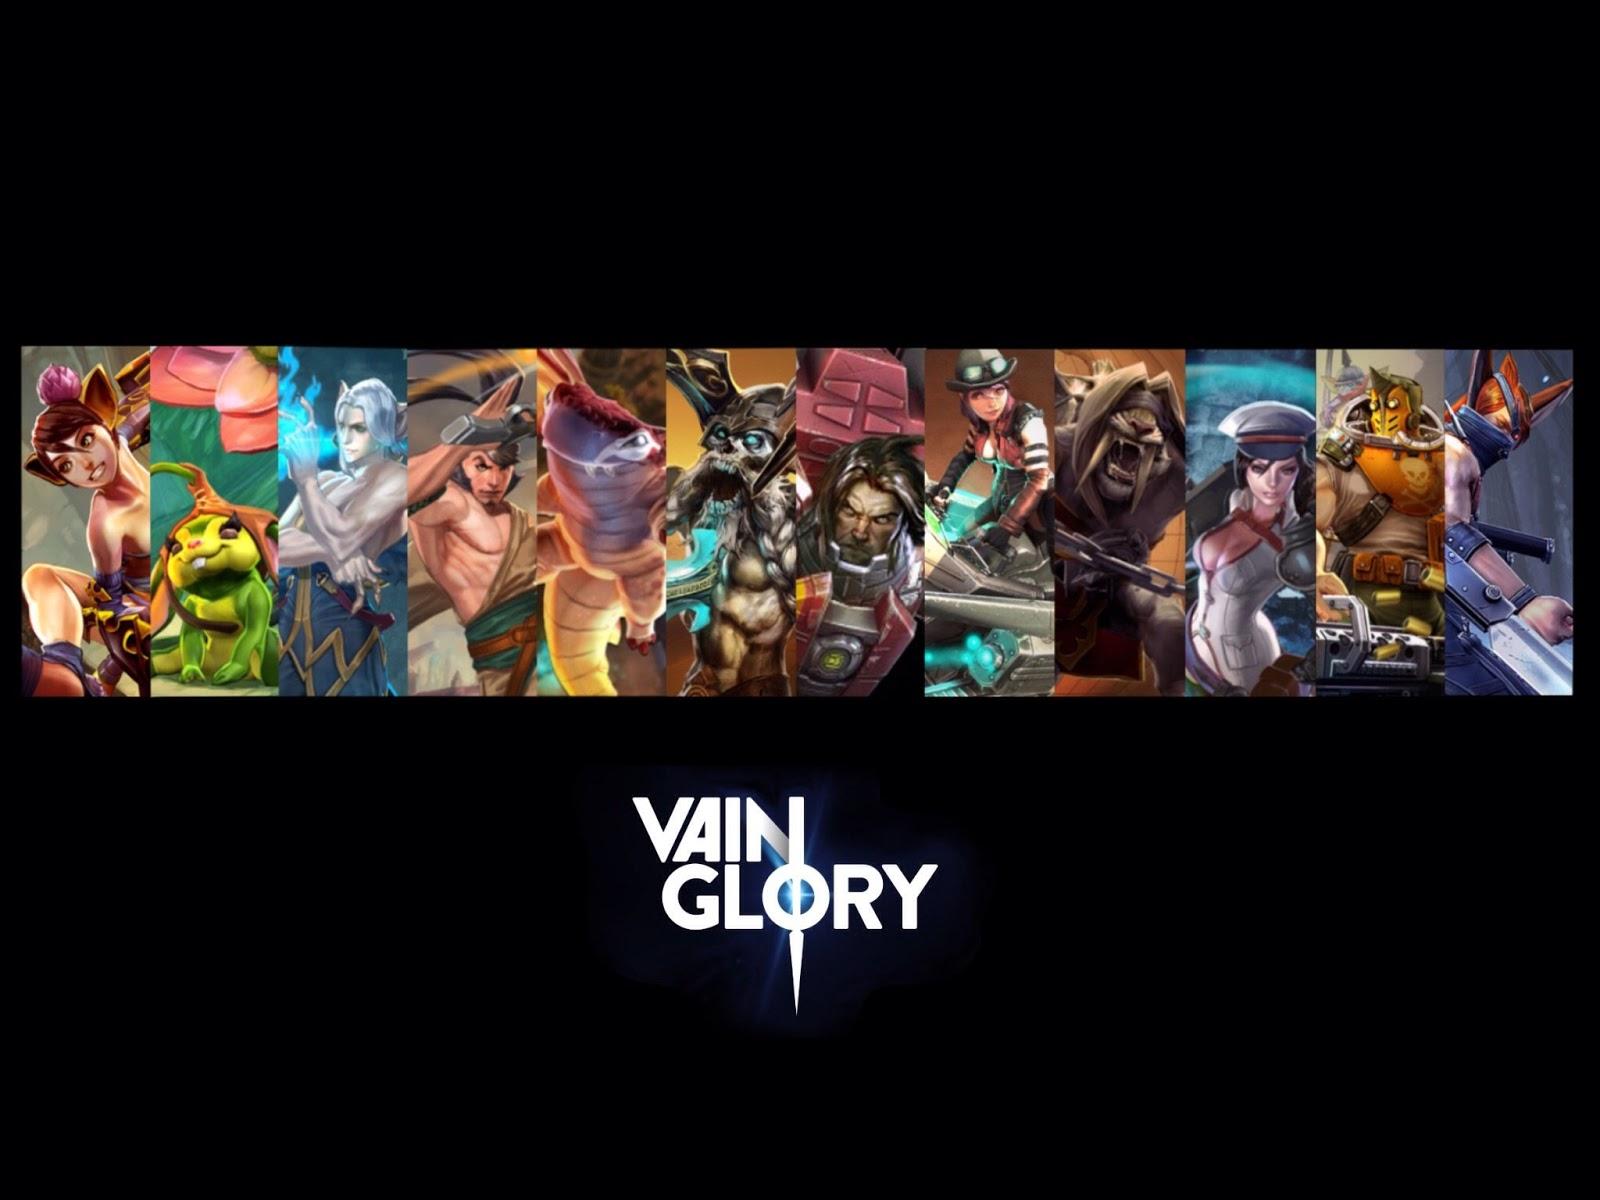 7 Hero vainglory yang mirip dengan karakter game dan film lain